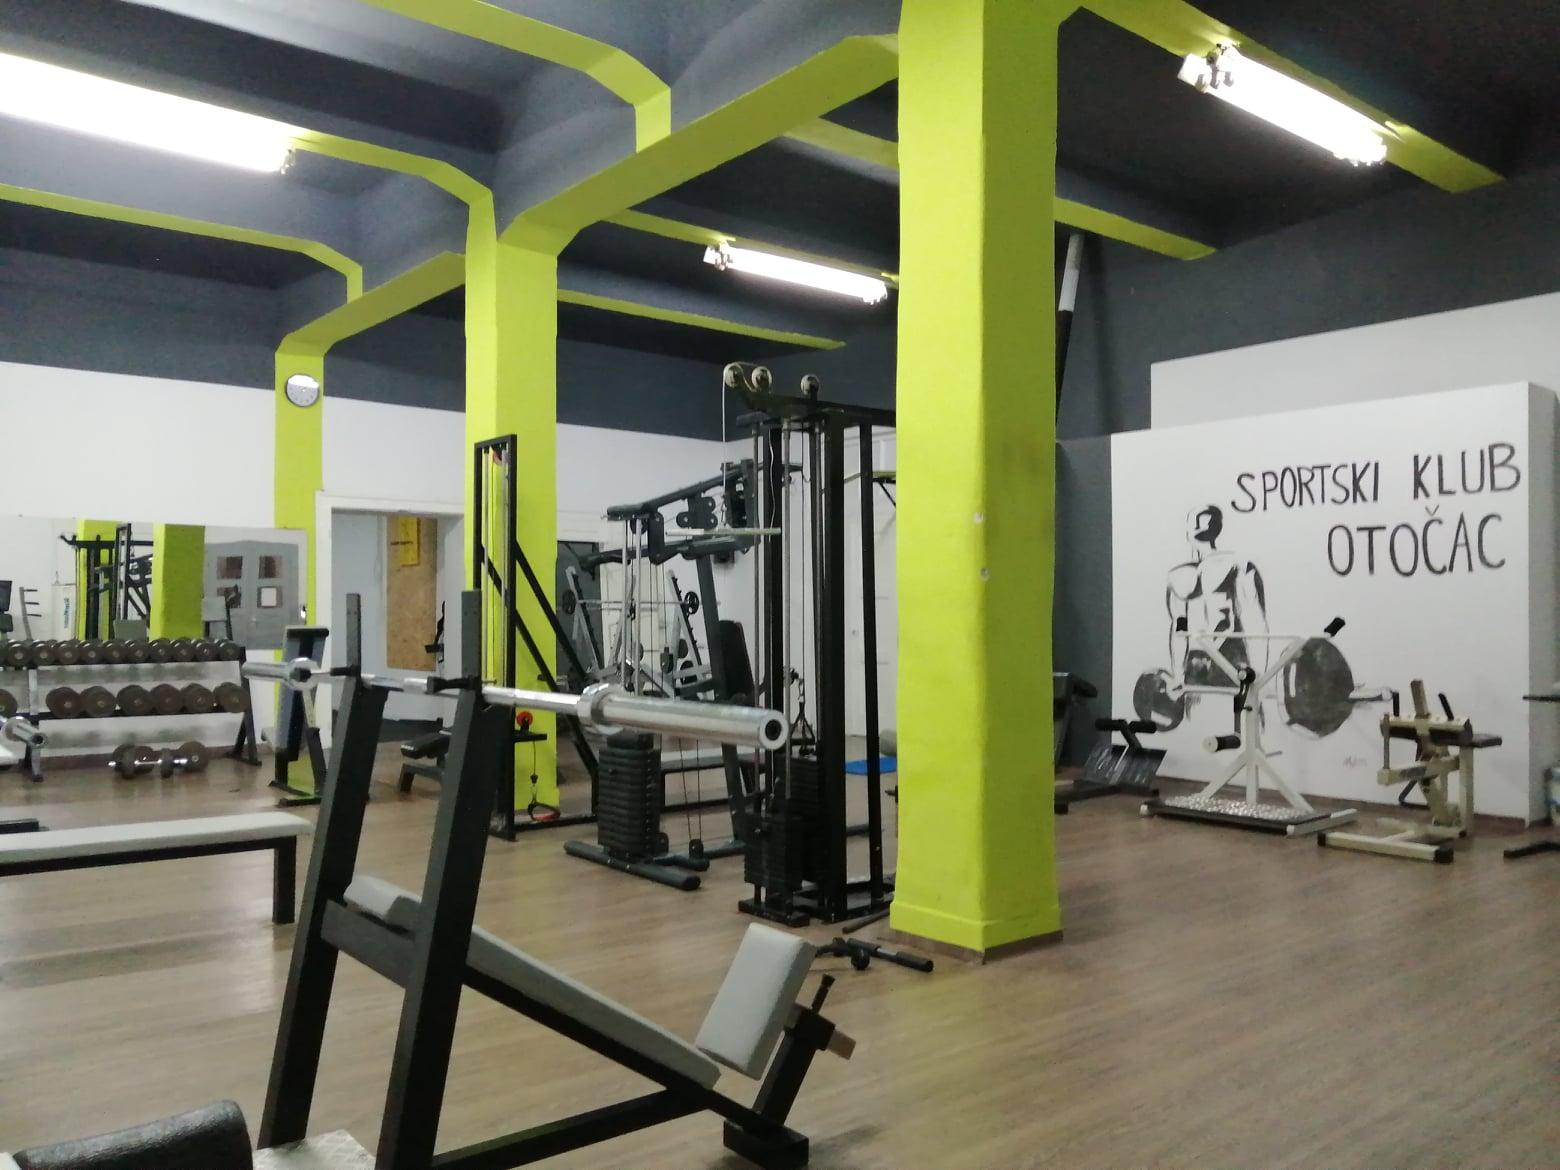 Sportski klub Otočac